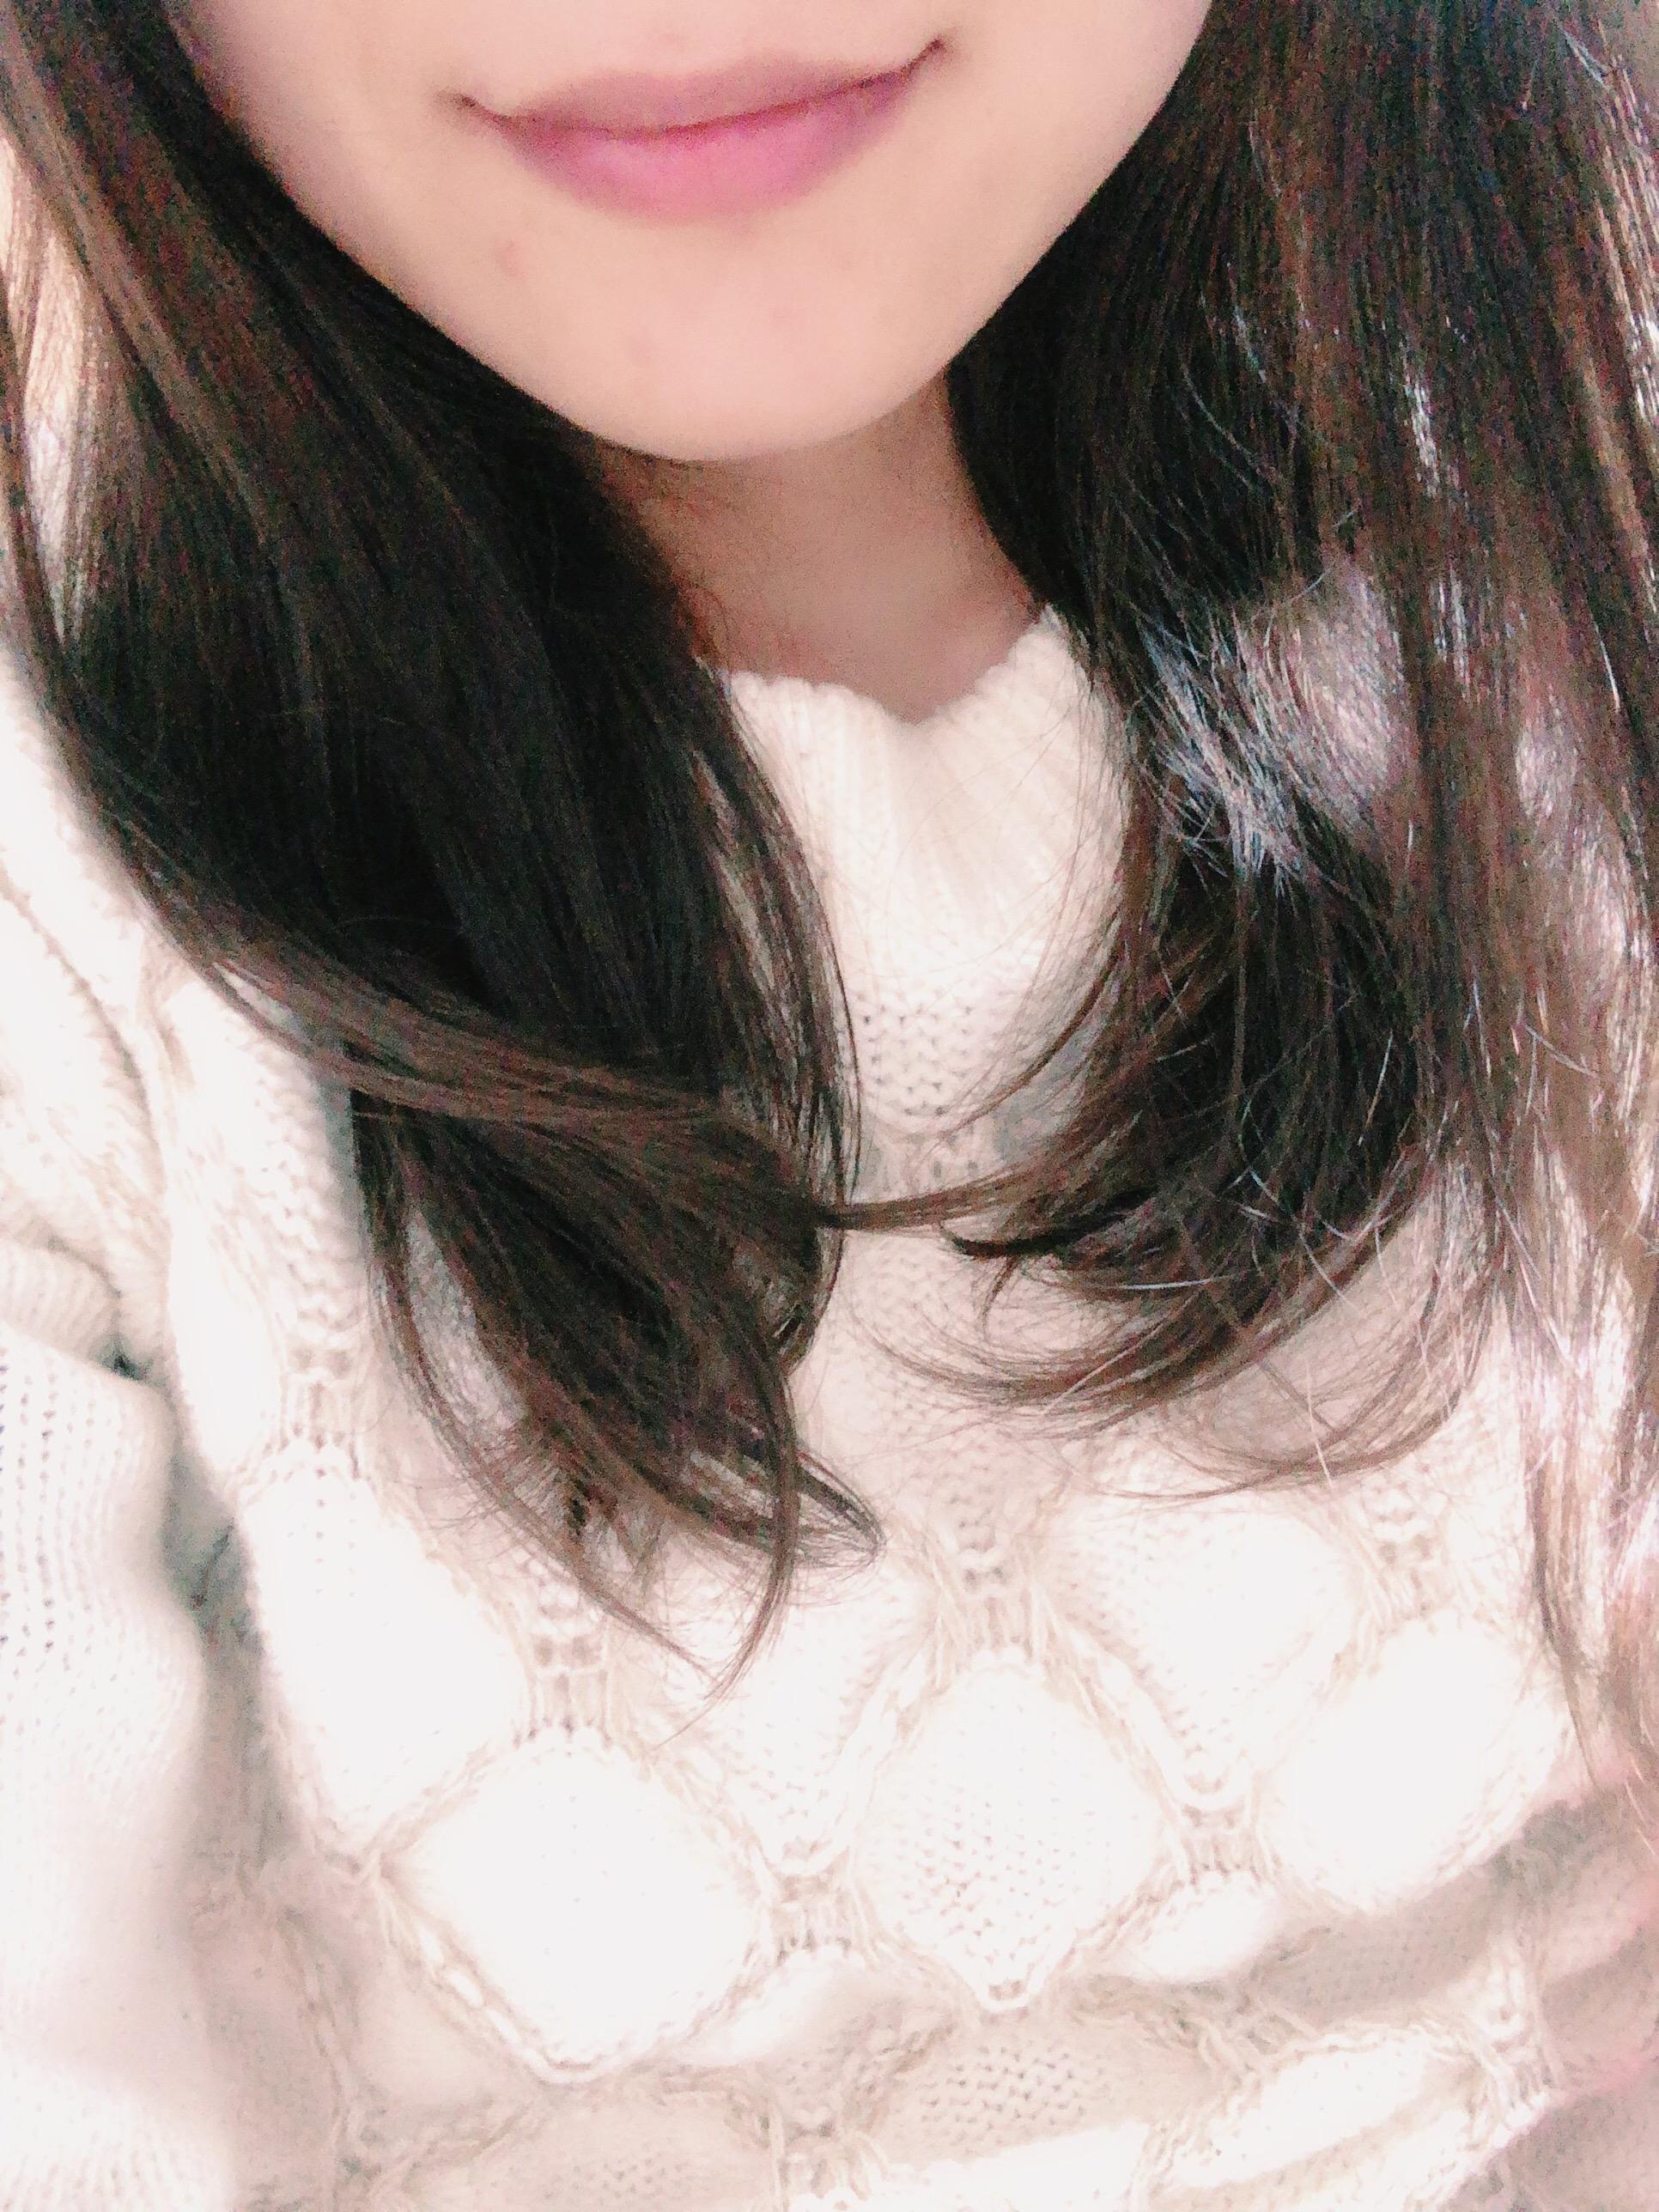 「大好き過ぎて…」03/12(火) 18:47 | ひよりの写メ・風俗動画